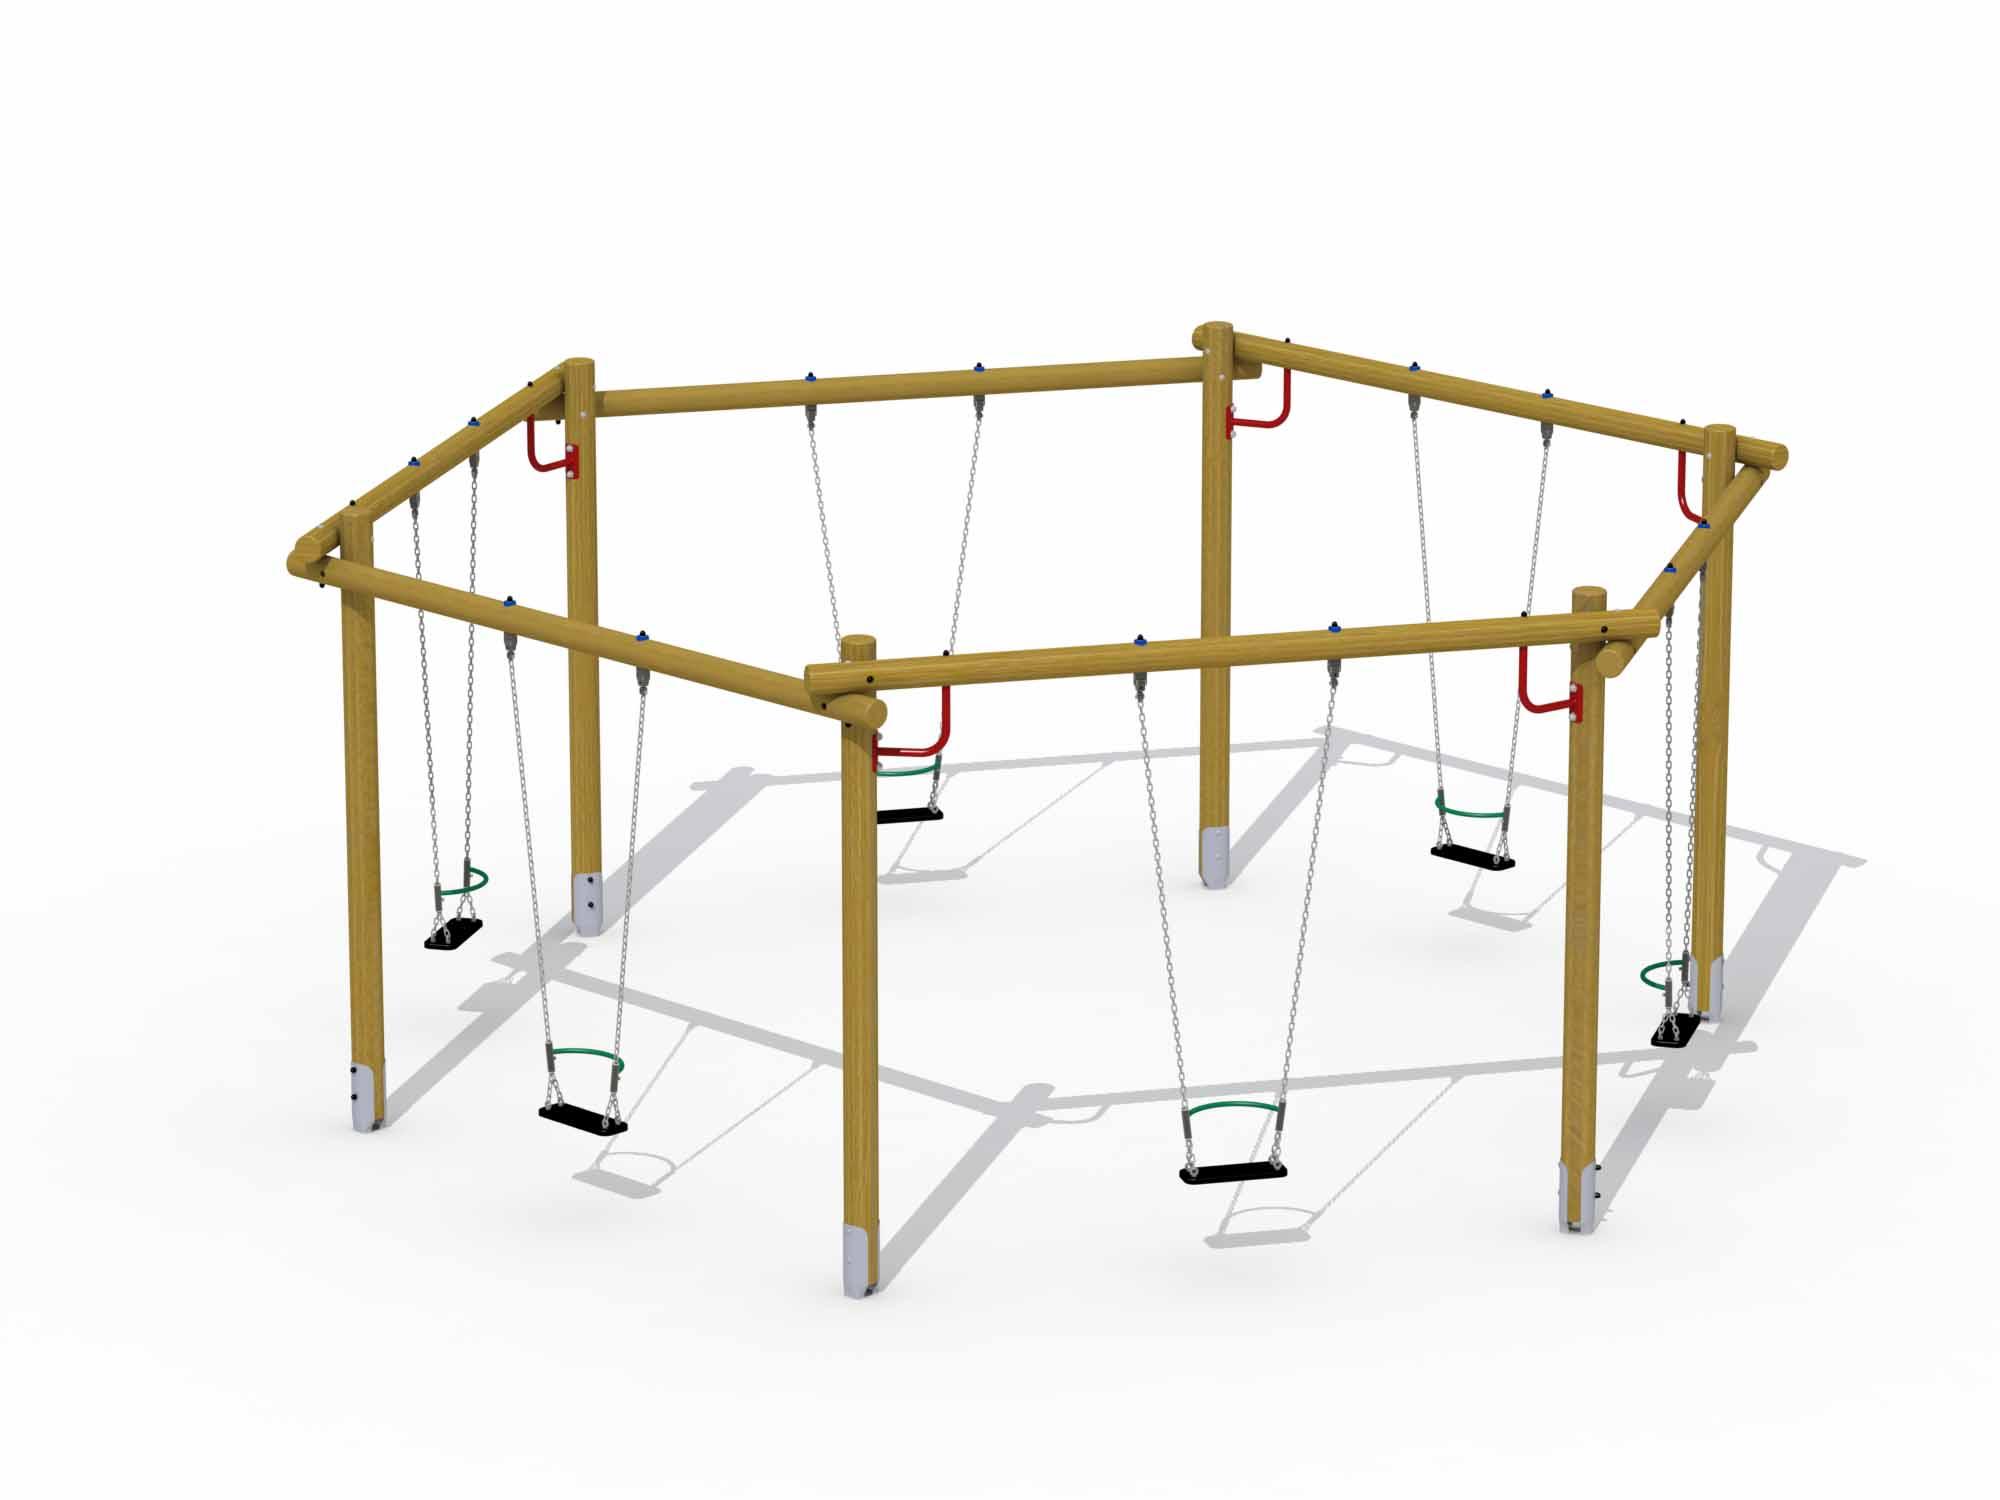 Hexagonal Swing (rubber Seat With Brace)